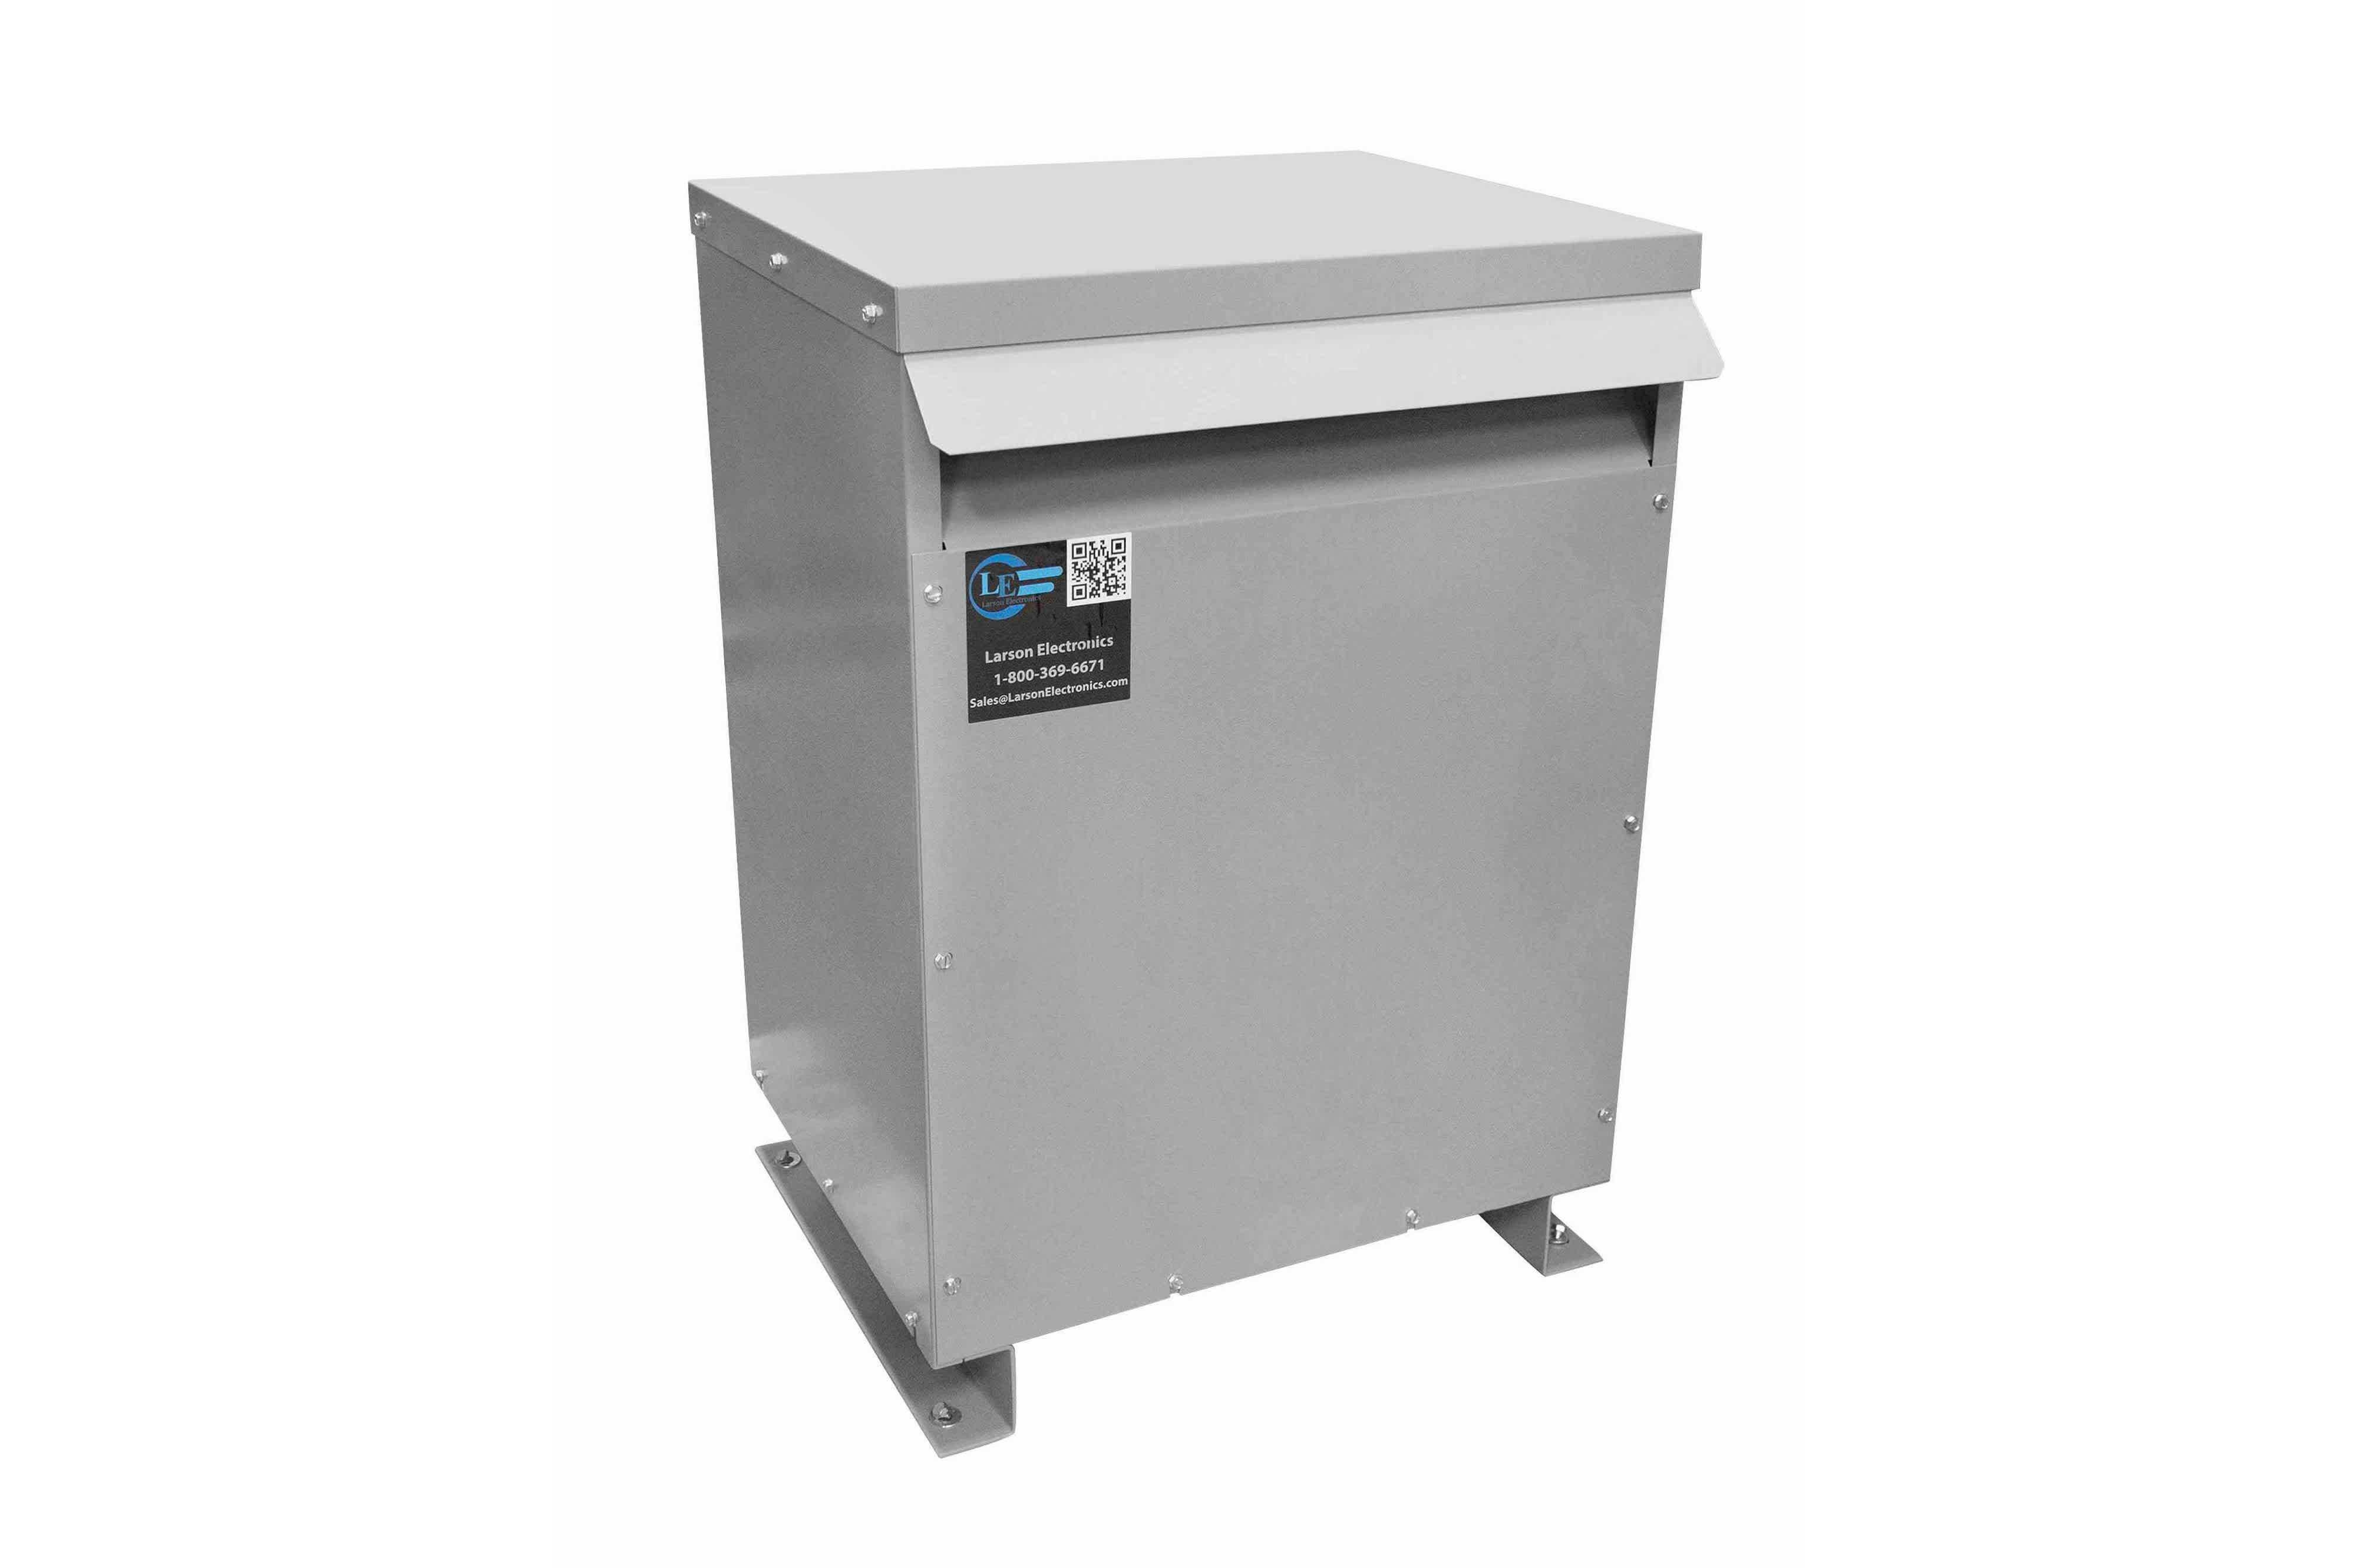 32.5 kVA 3PH Isolation Transformer, 380V Delta Primary, 600V Delta Secondary, N3R, Ventilated, 60 Hz